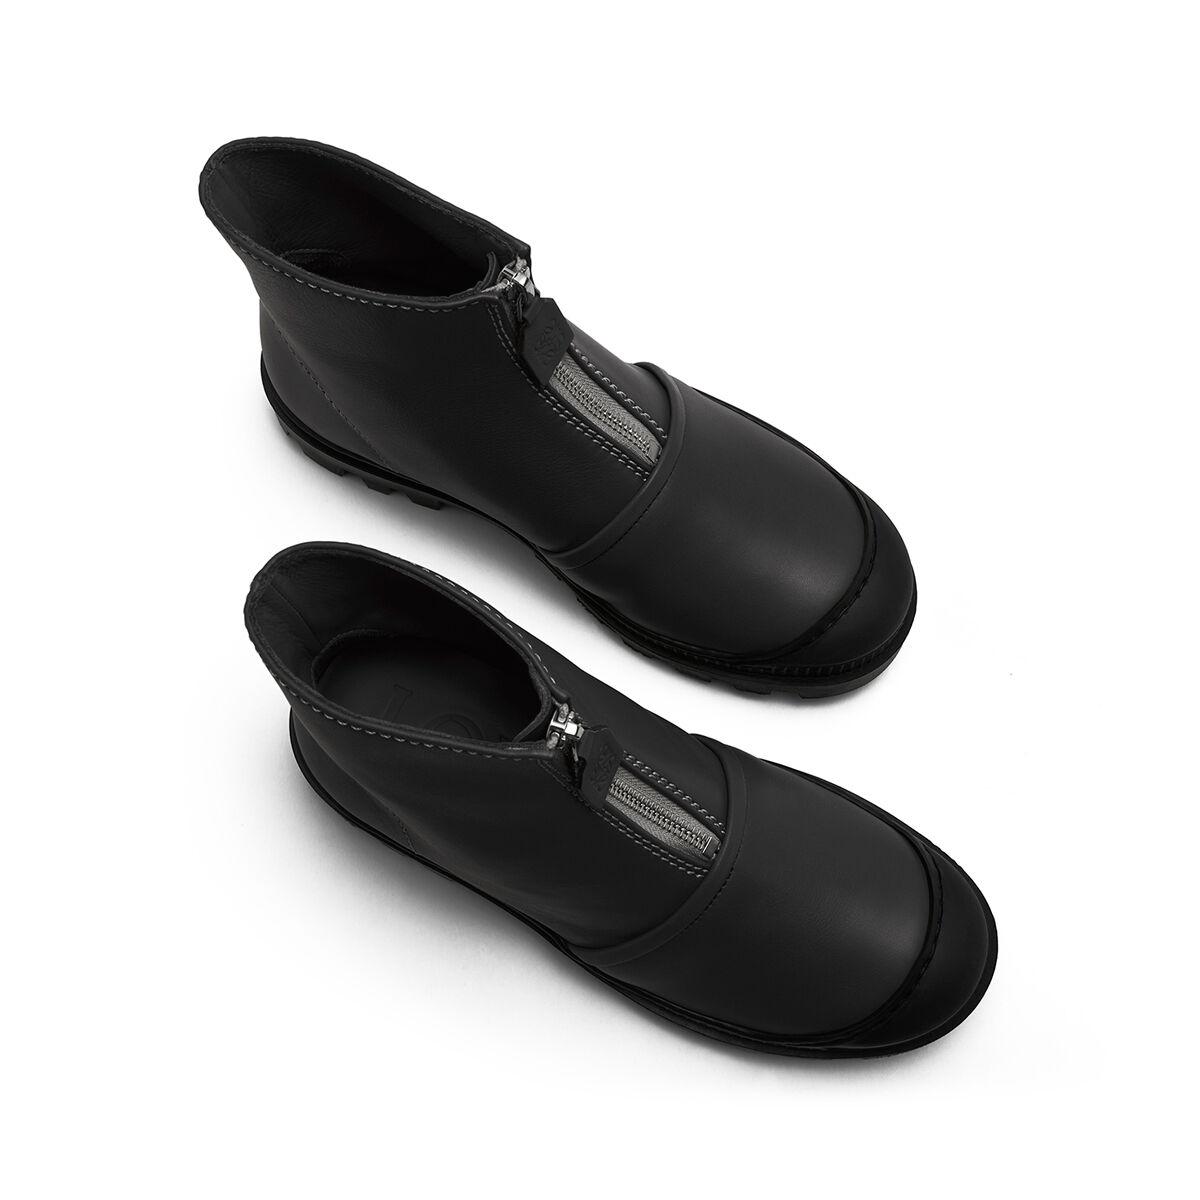 LOEWE Zip Boot 黑色 all